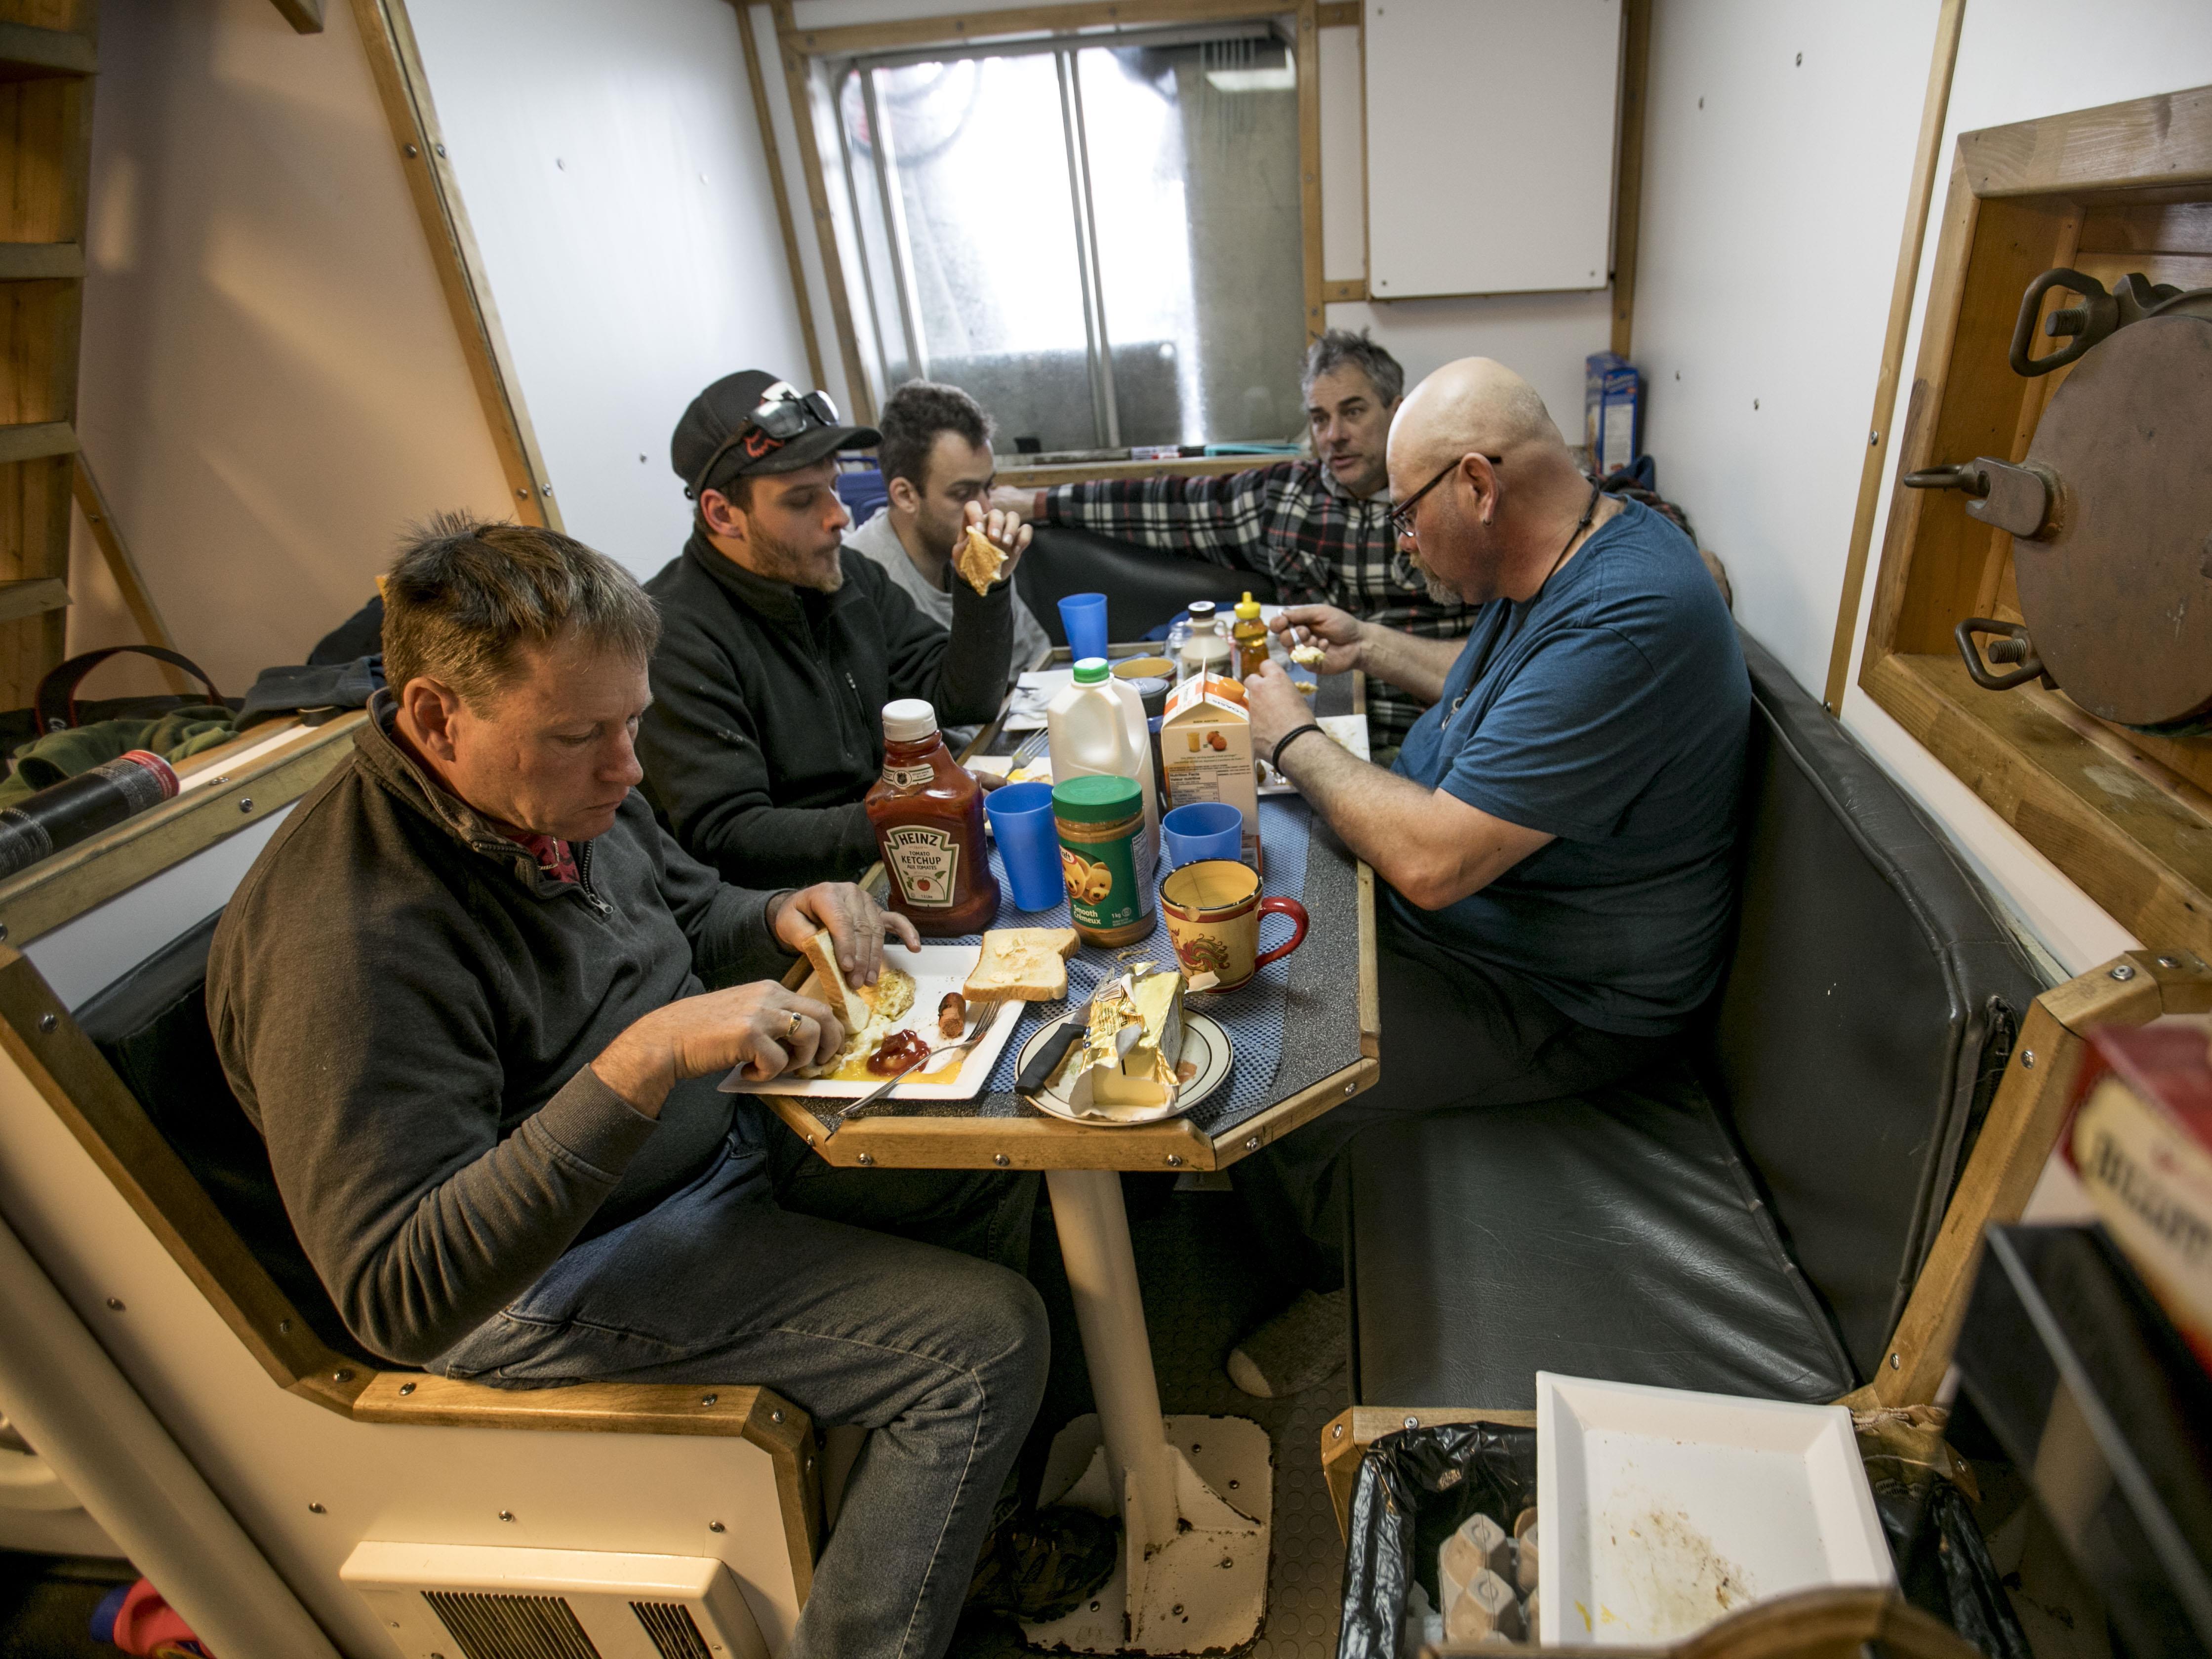 Les pêcheurs mangent autour d'une table à bord du navire